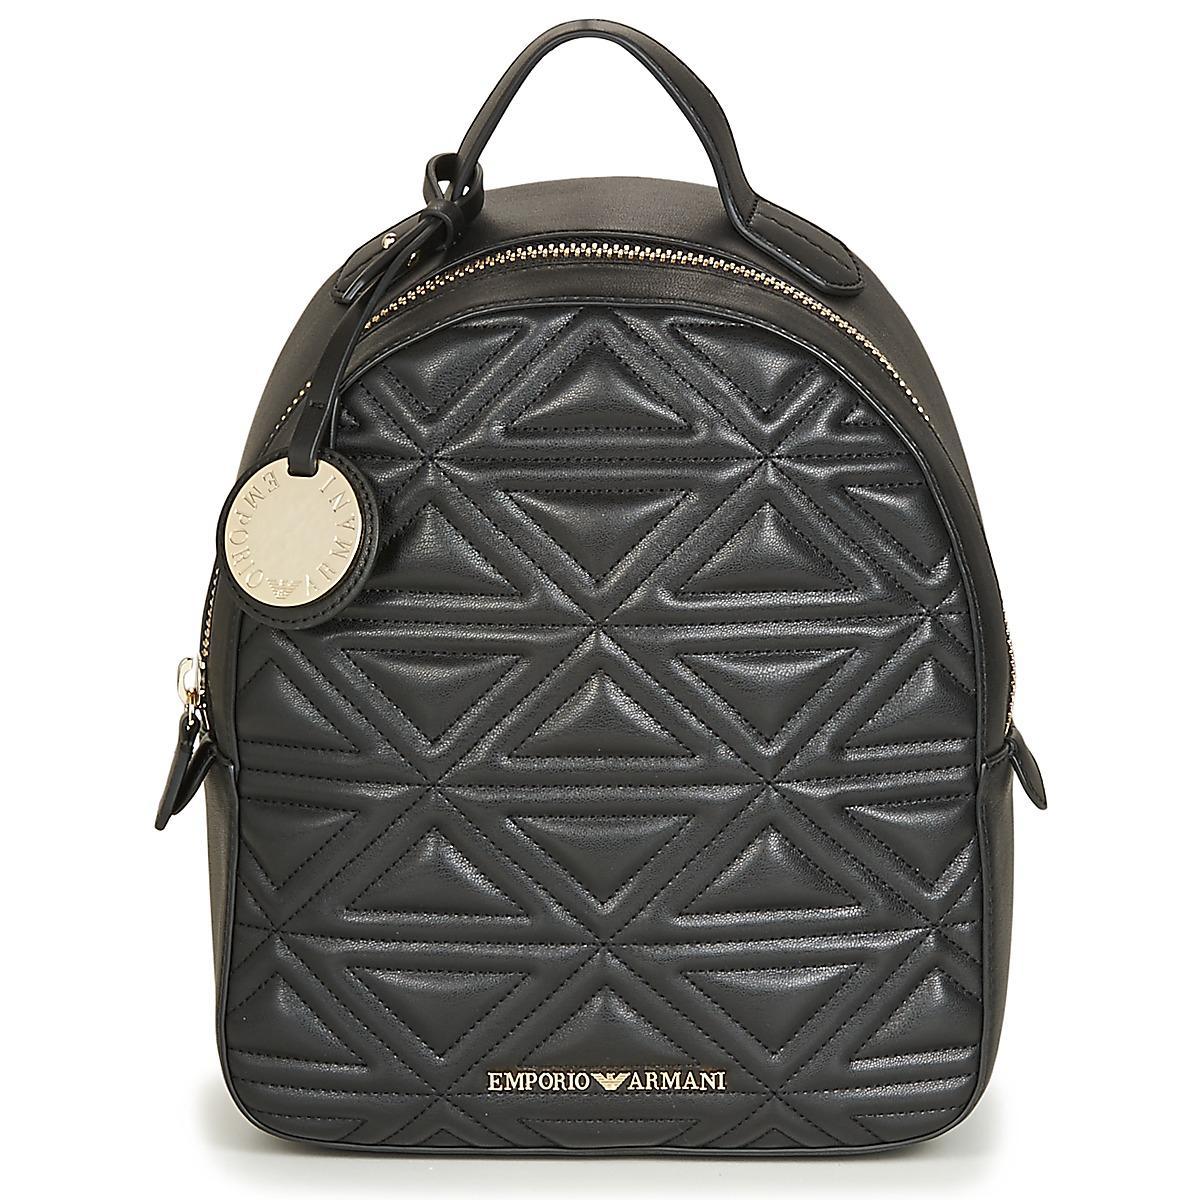 402c4354f0e9 Emporio Armani Logo Backpack in Black - Lyst